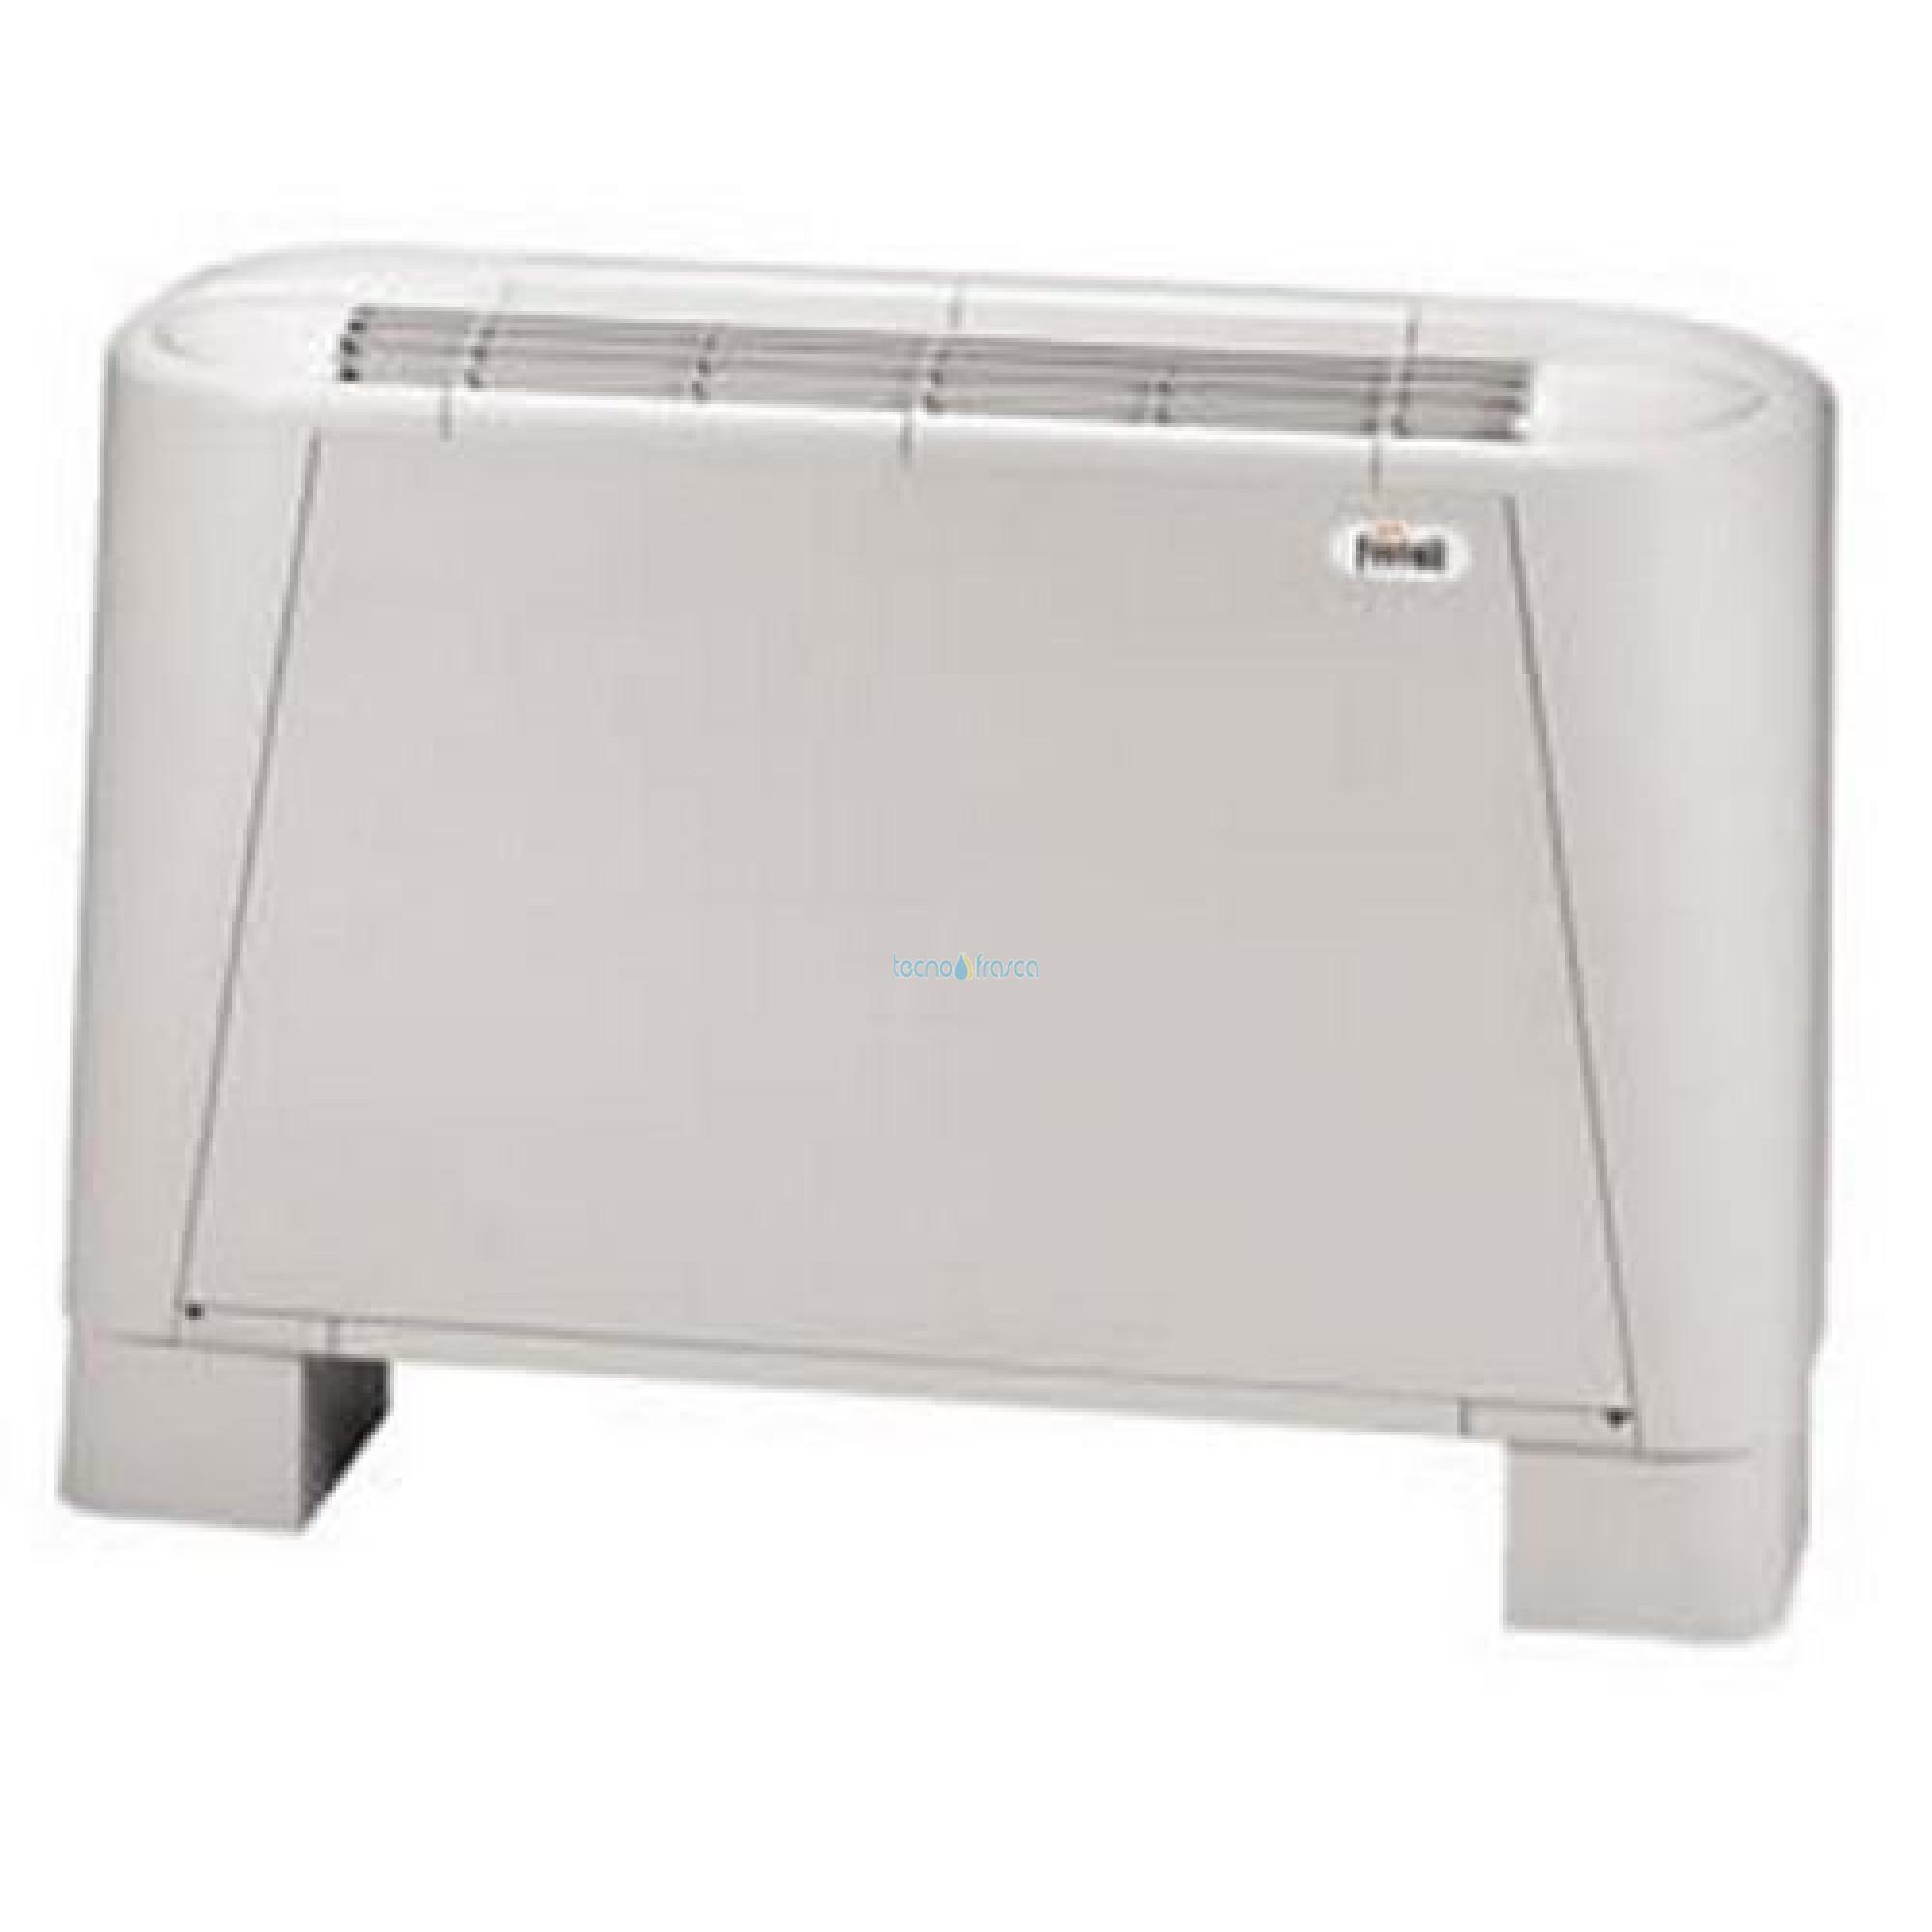 Ferroli ventilconvettore top fan vm-b40 1ze2a03p